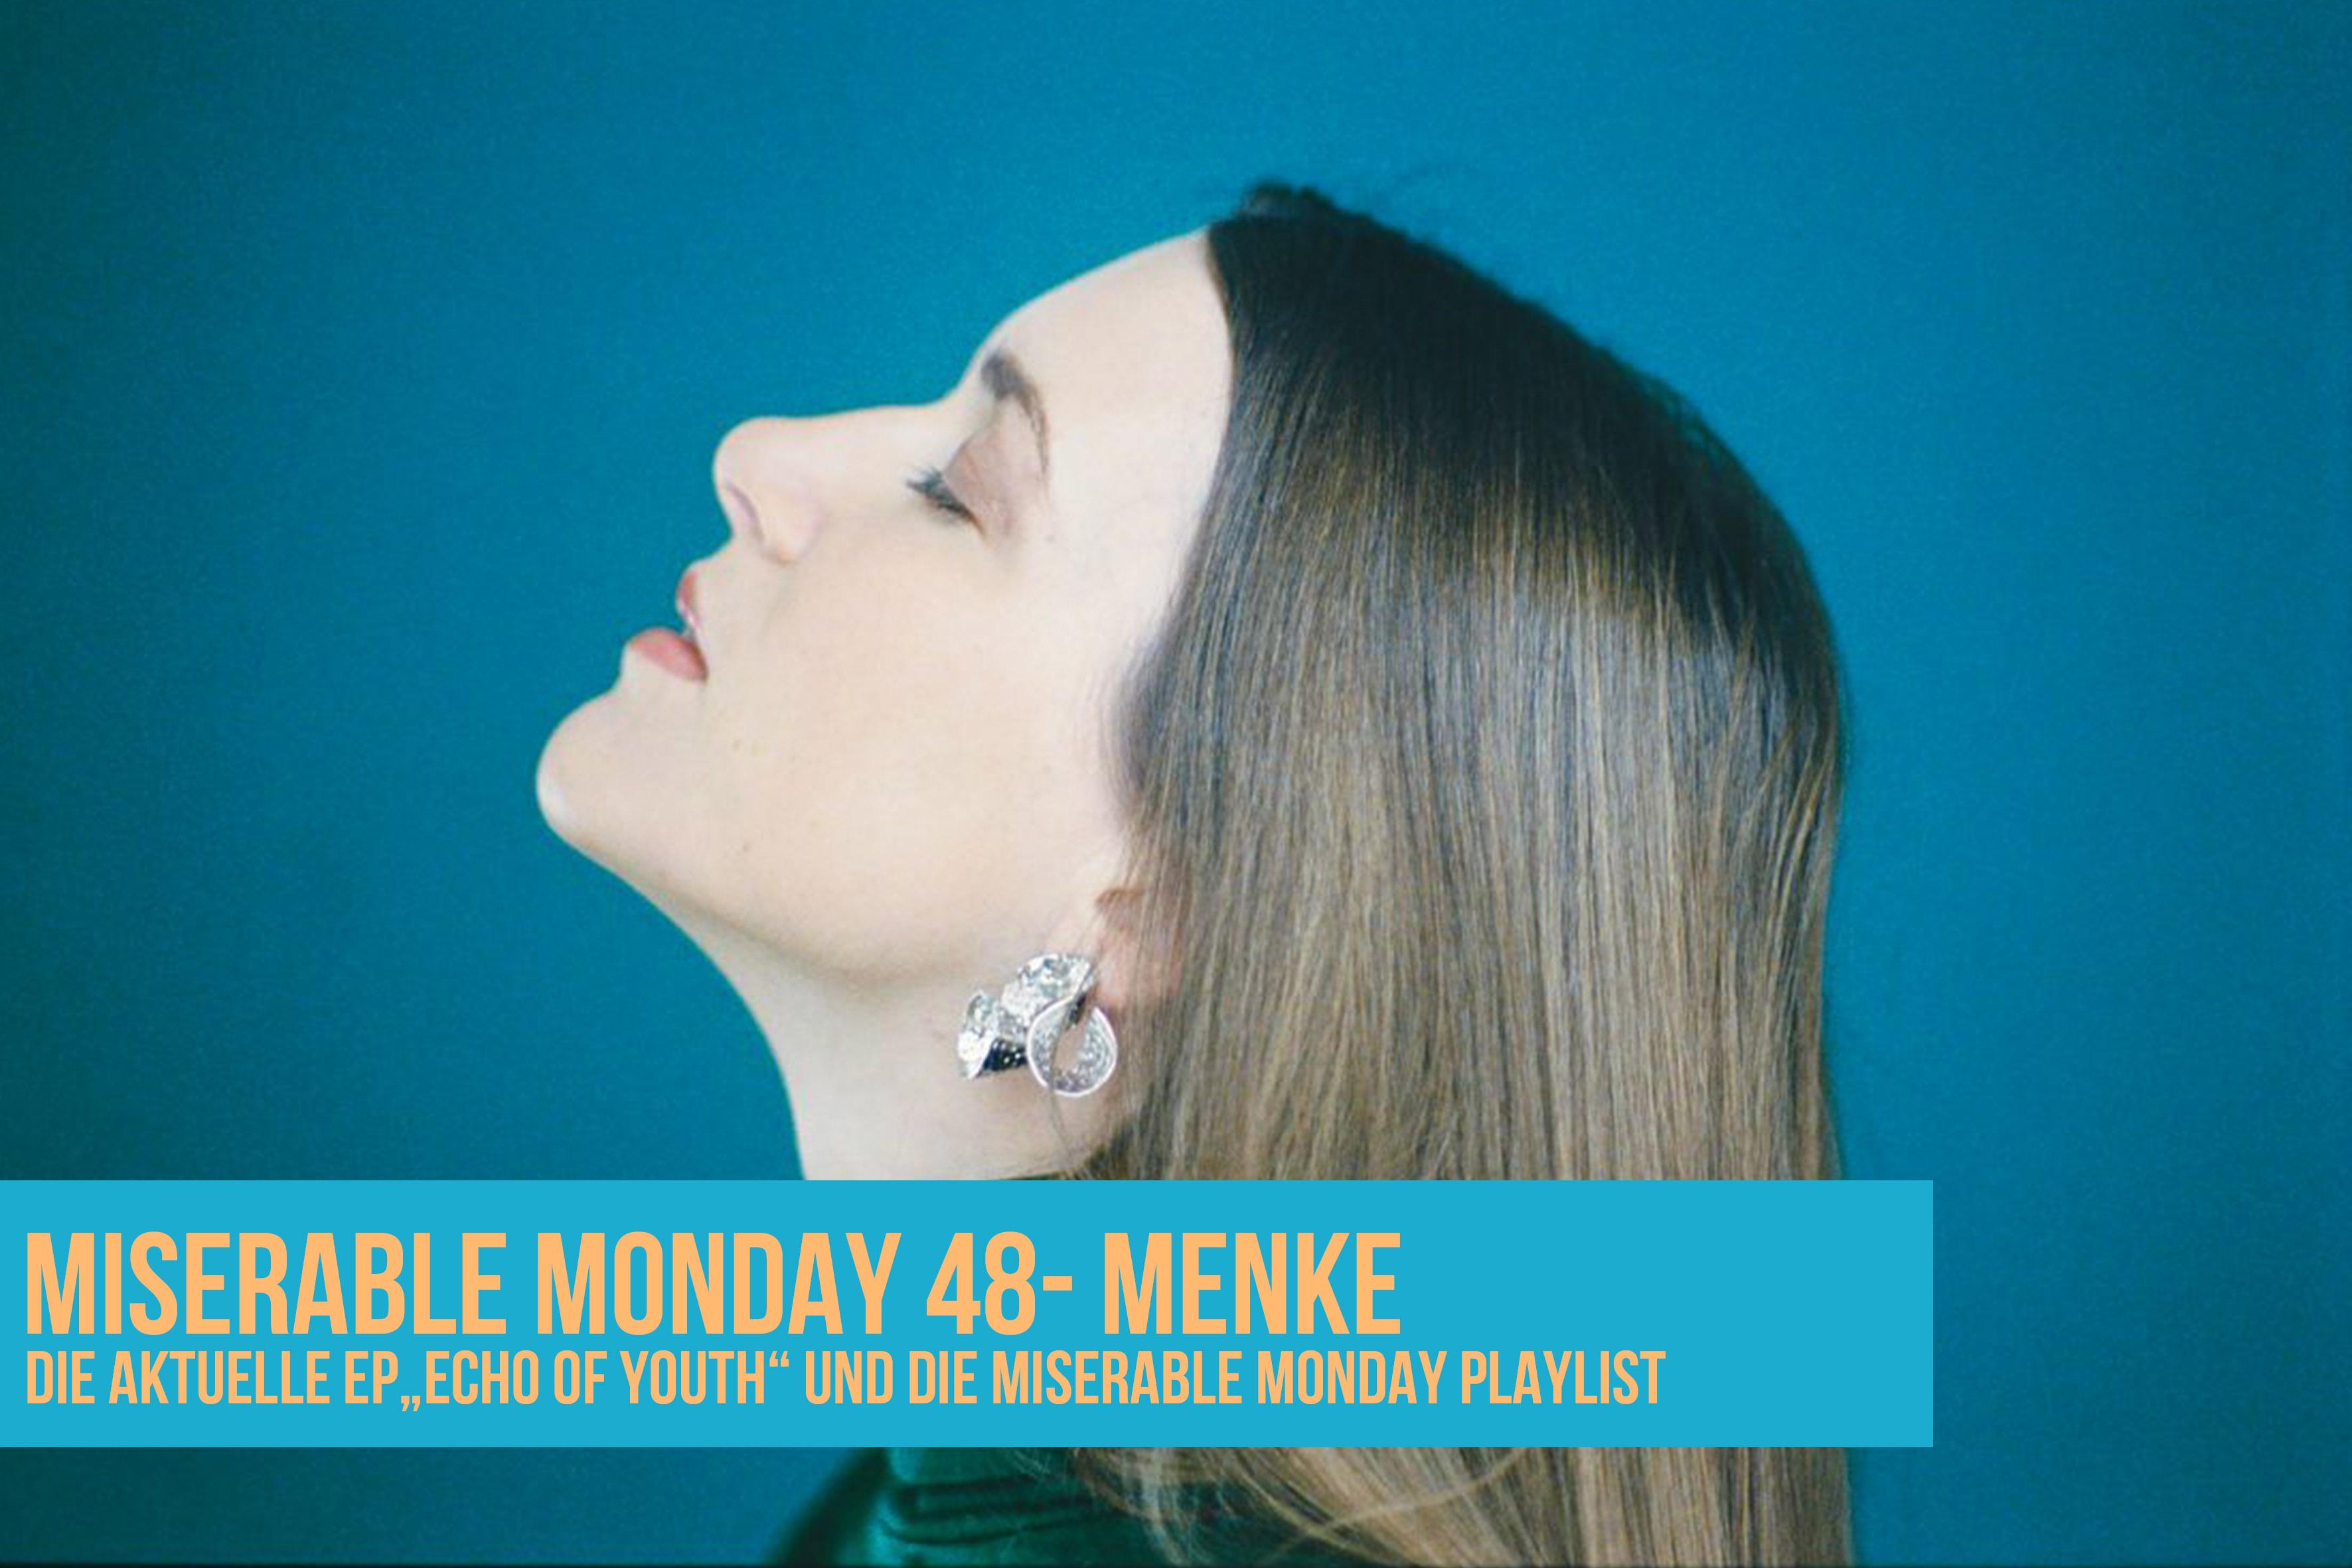 048 - Menke